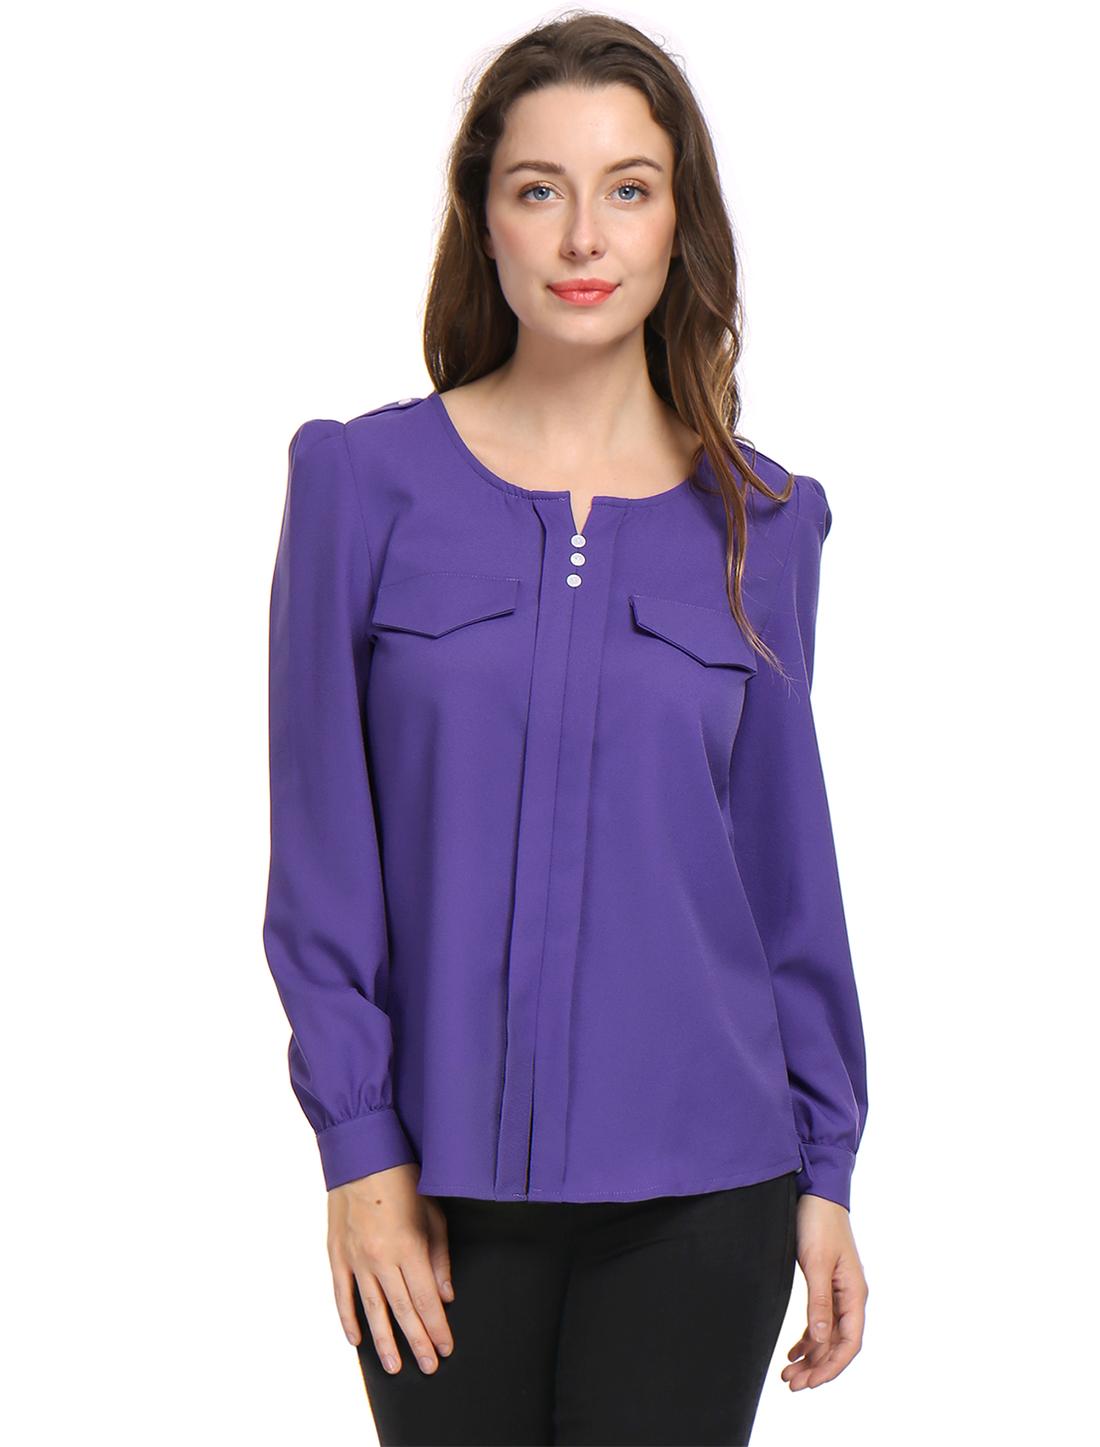 Women Buttons Decor Mock Pockets Ruched Blouse Purple L